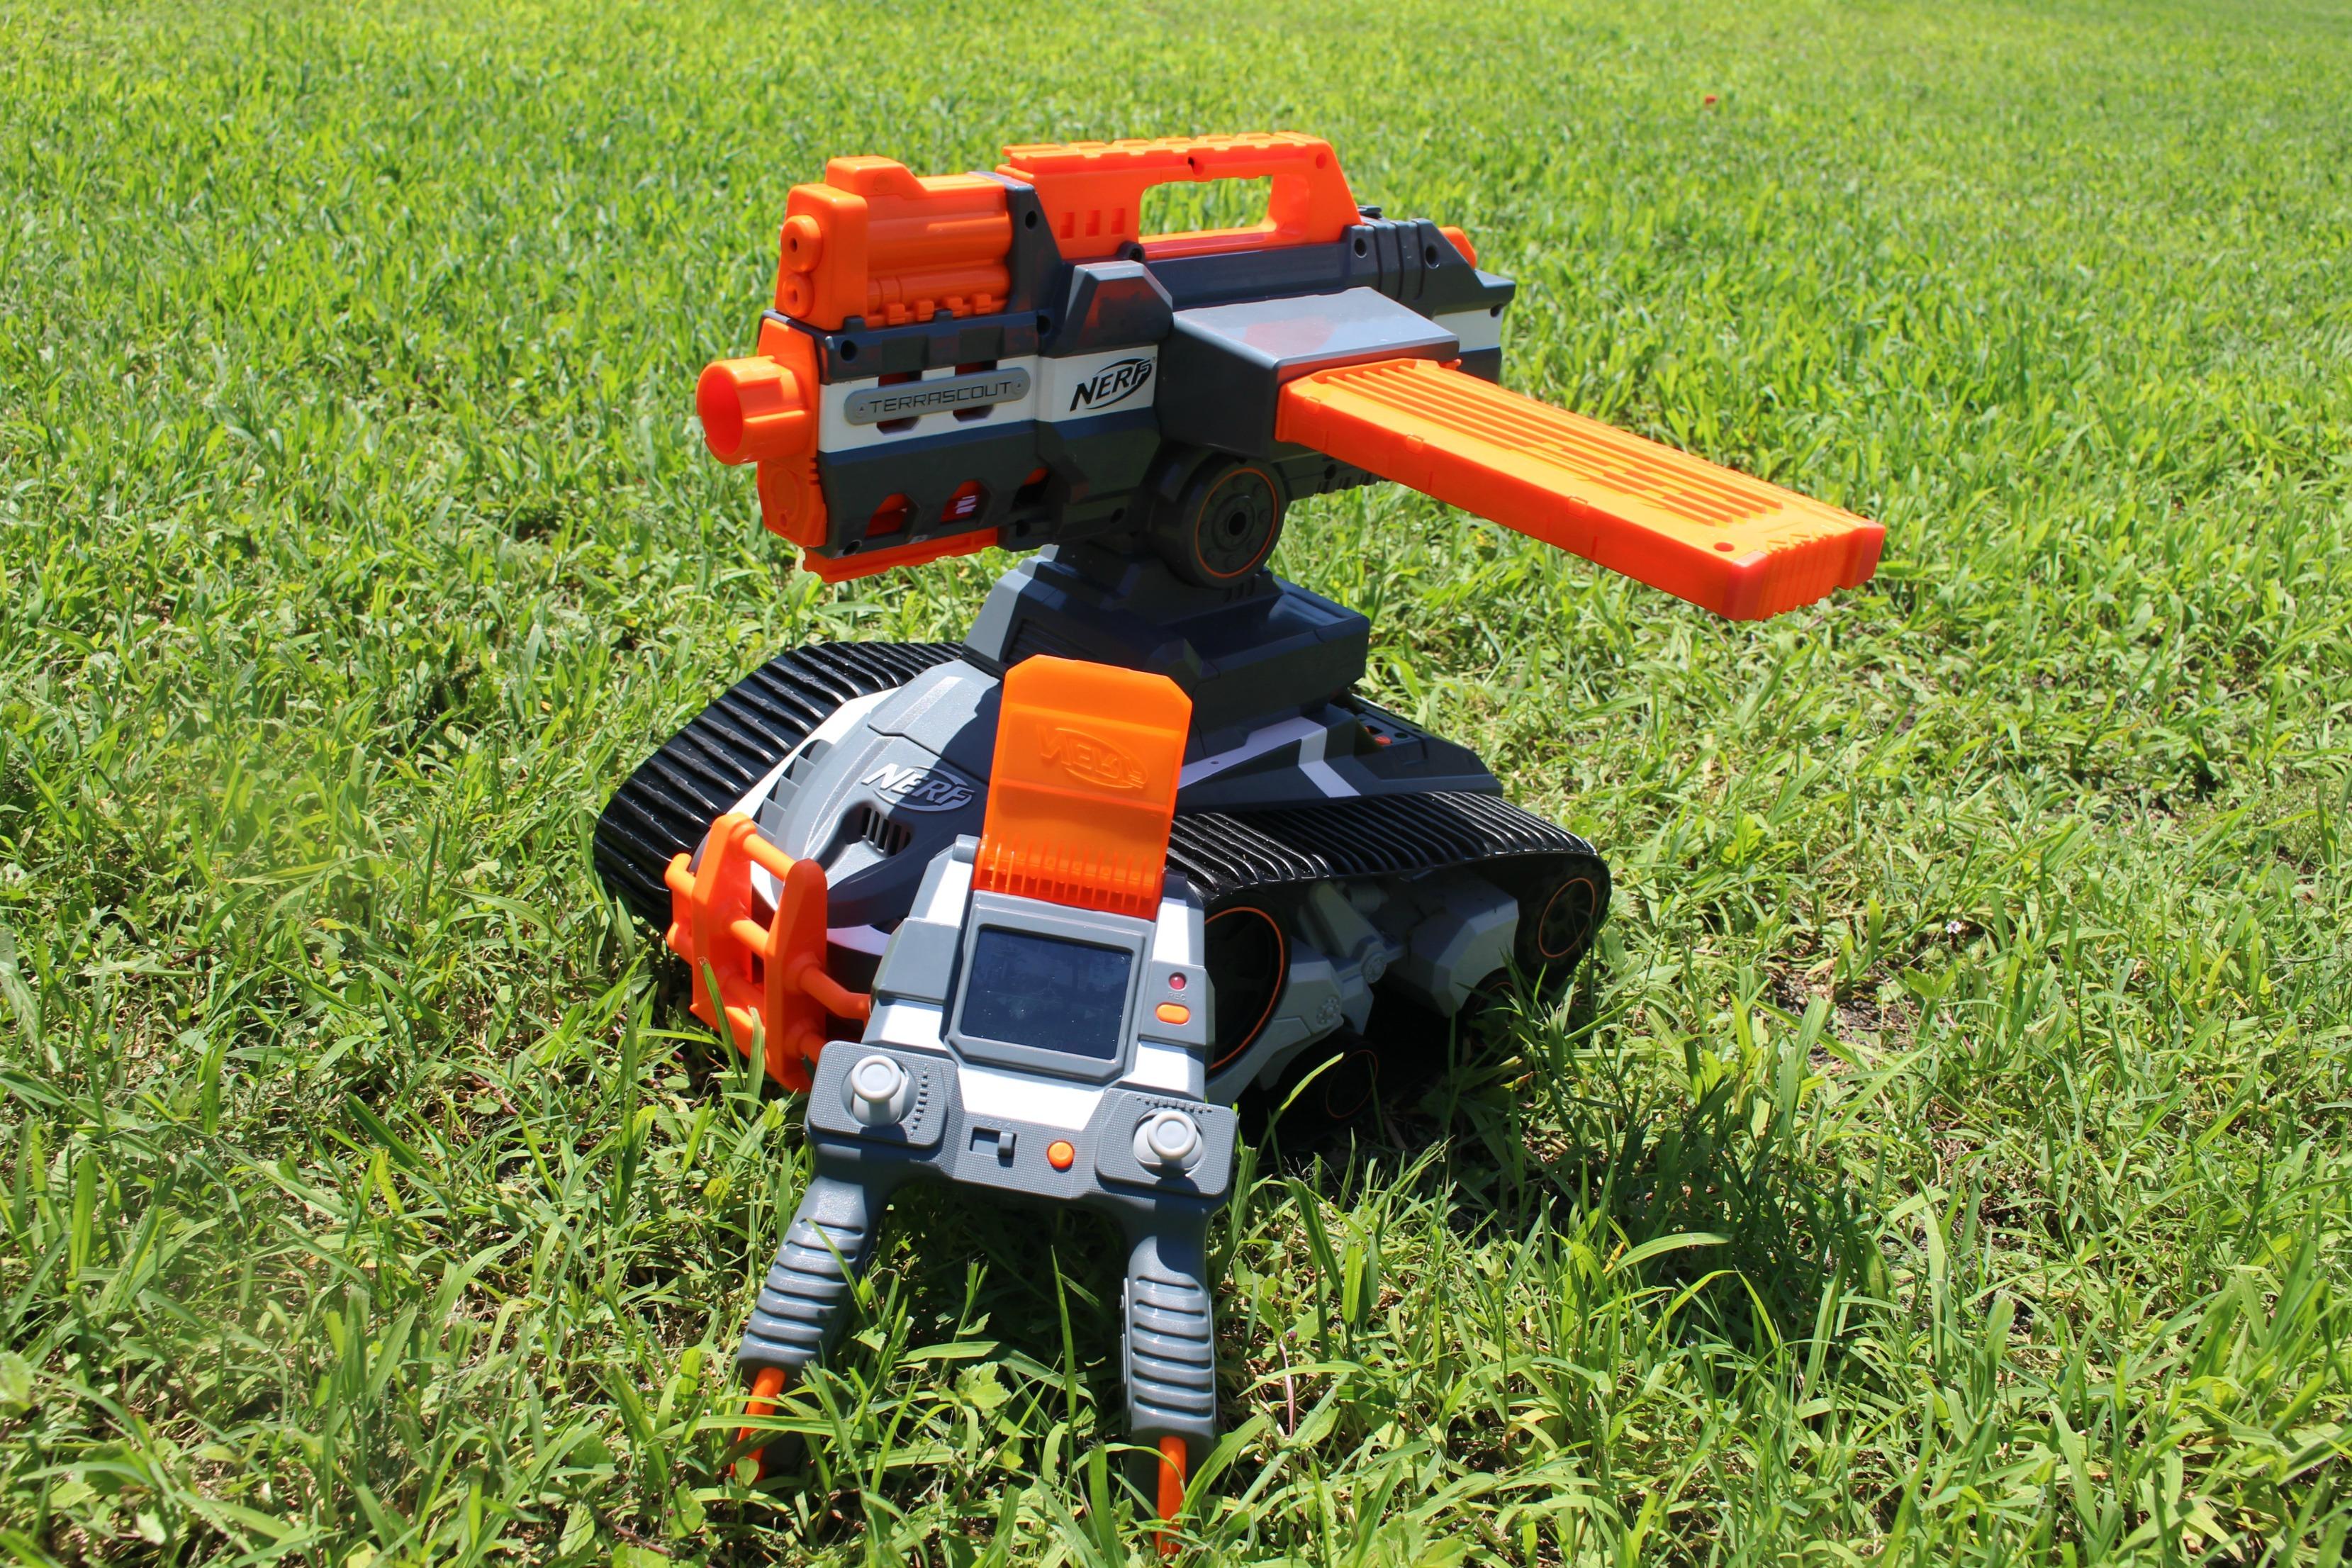 Nerf-drone-toysrus